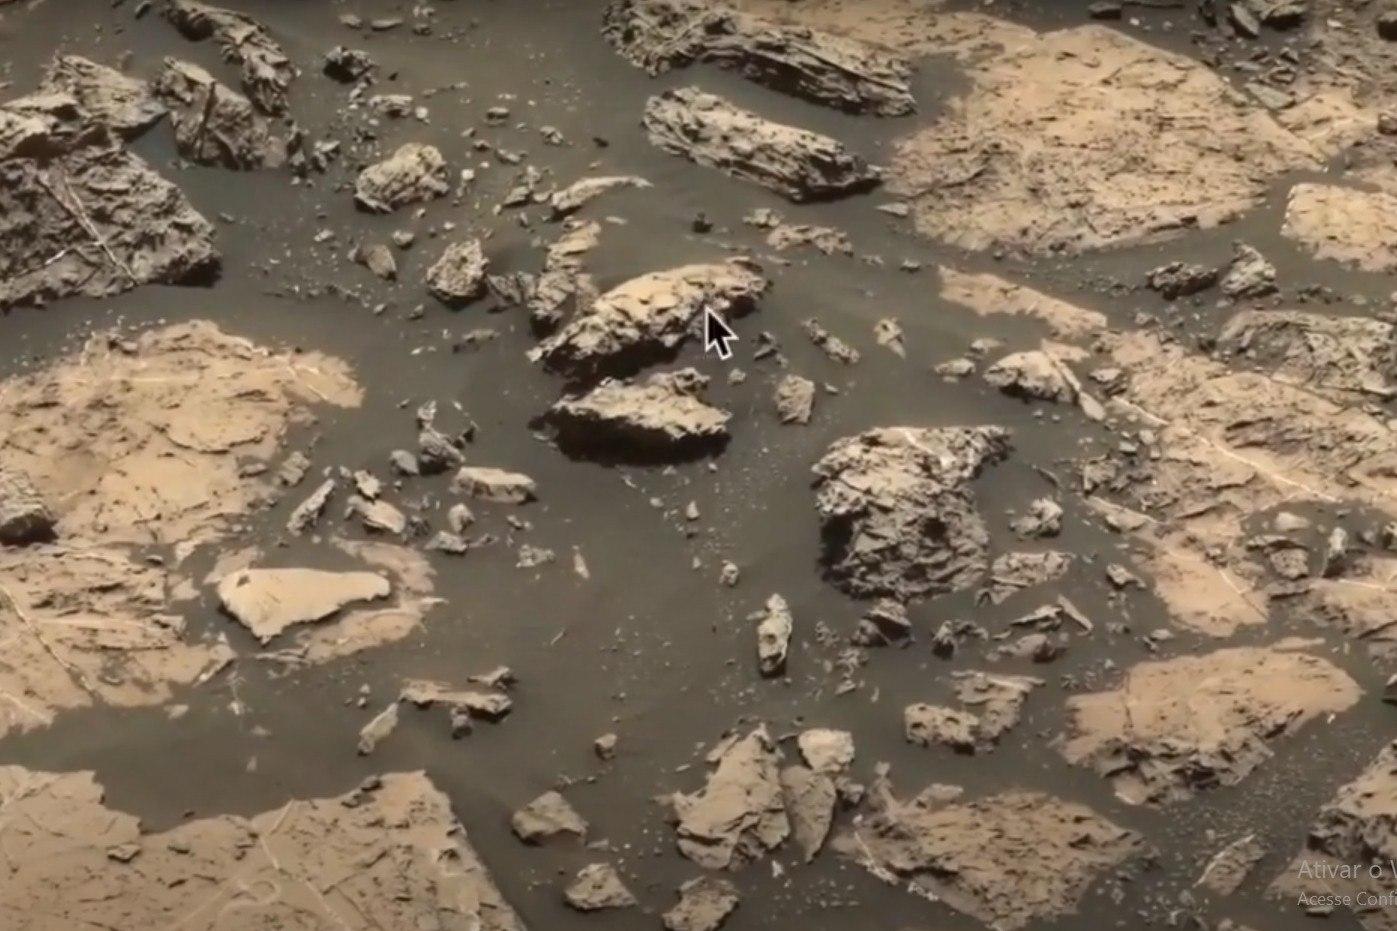 Segundo Waring escreveu no blog UFO Sightings Daily (Avistamentos Diários de OVNIs, em tradução livre), há muito mais do que uma superfície rochosa desoladora na imagem